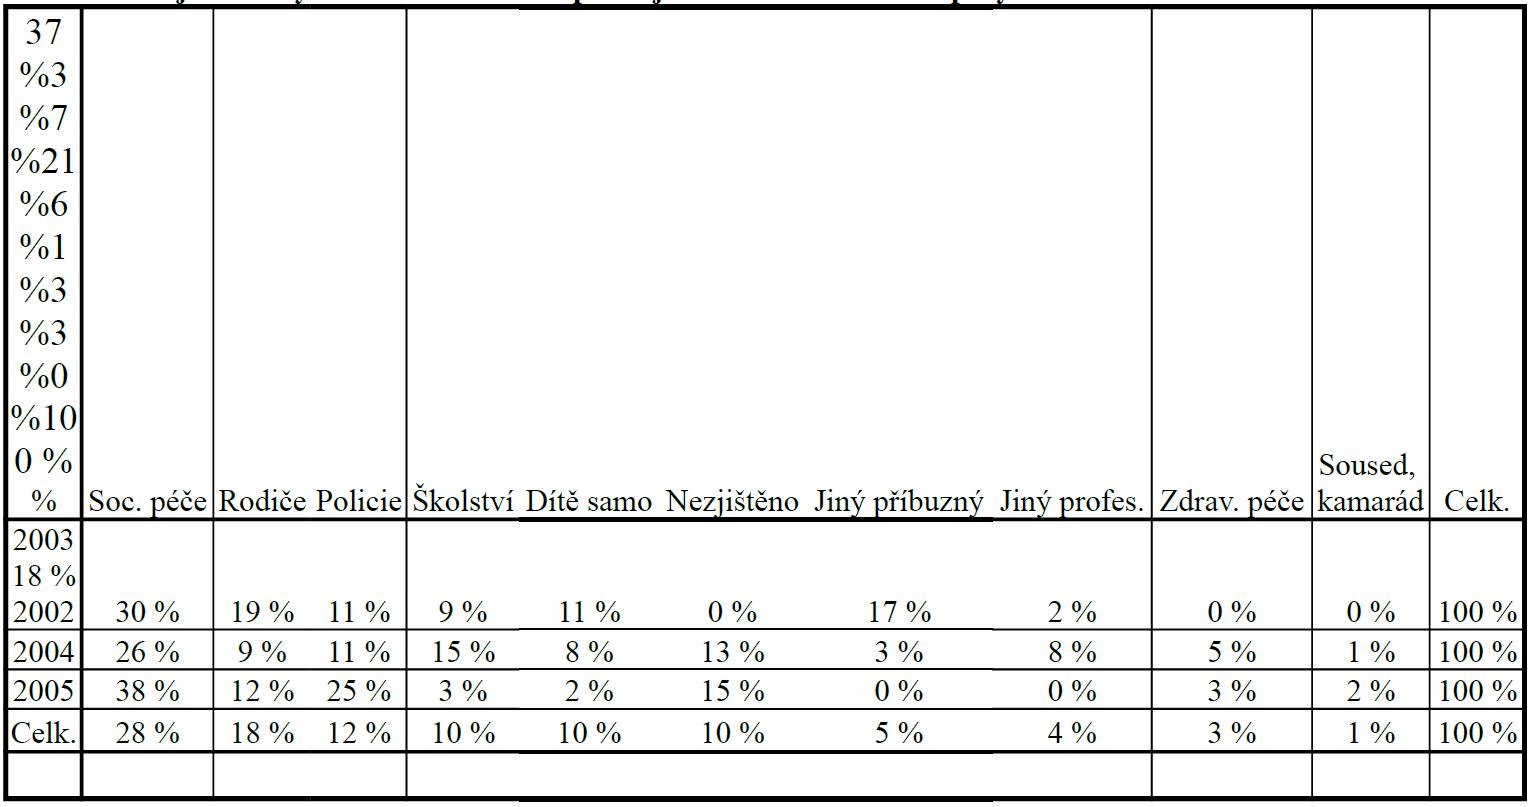 Podíl jednotlivých rezortů a aktivit podílejících se na hlášení susp. sy CAN v letech 2002–2005